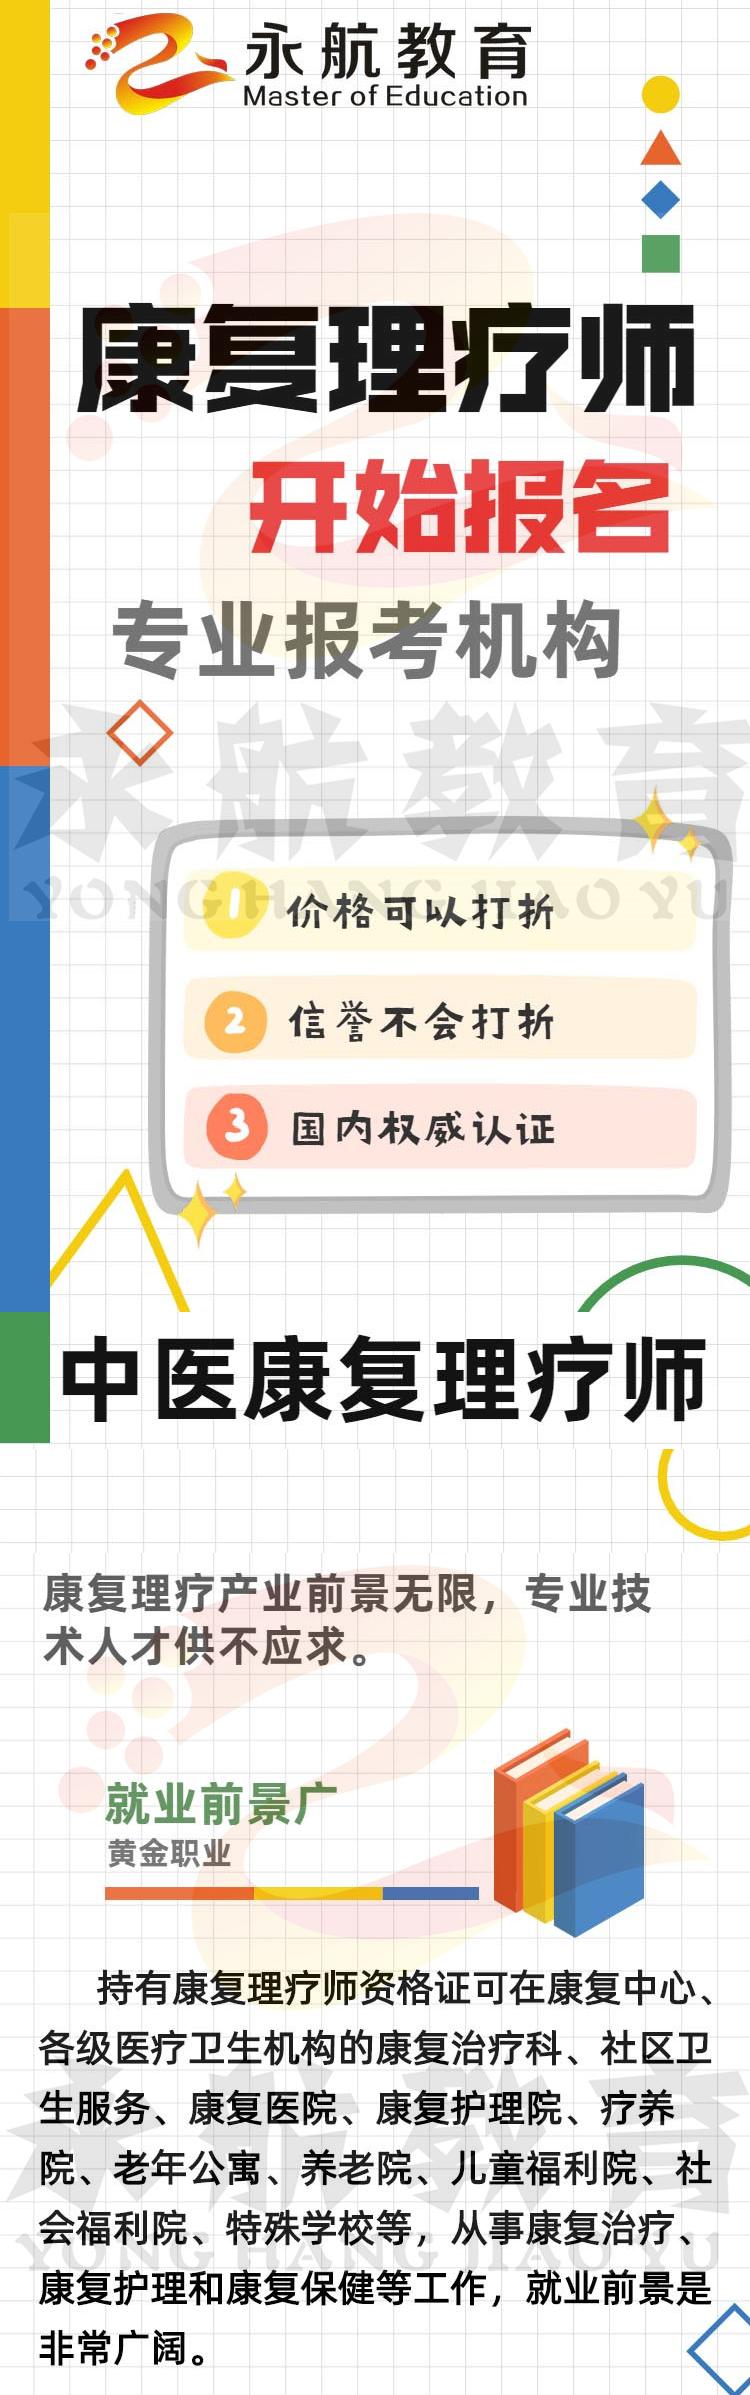 肇庆中医康复理疗师证考试首页-报考要求